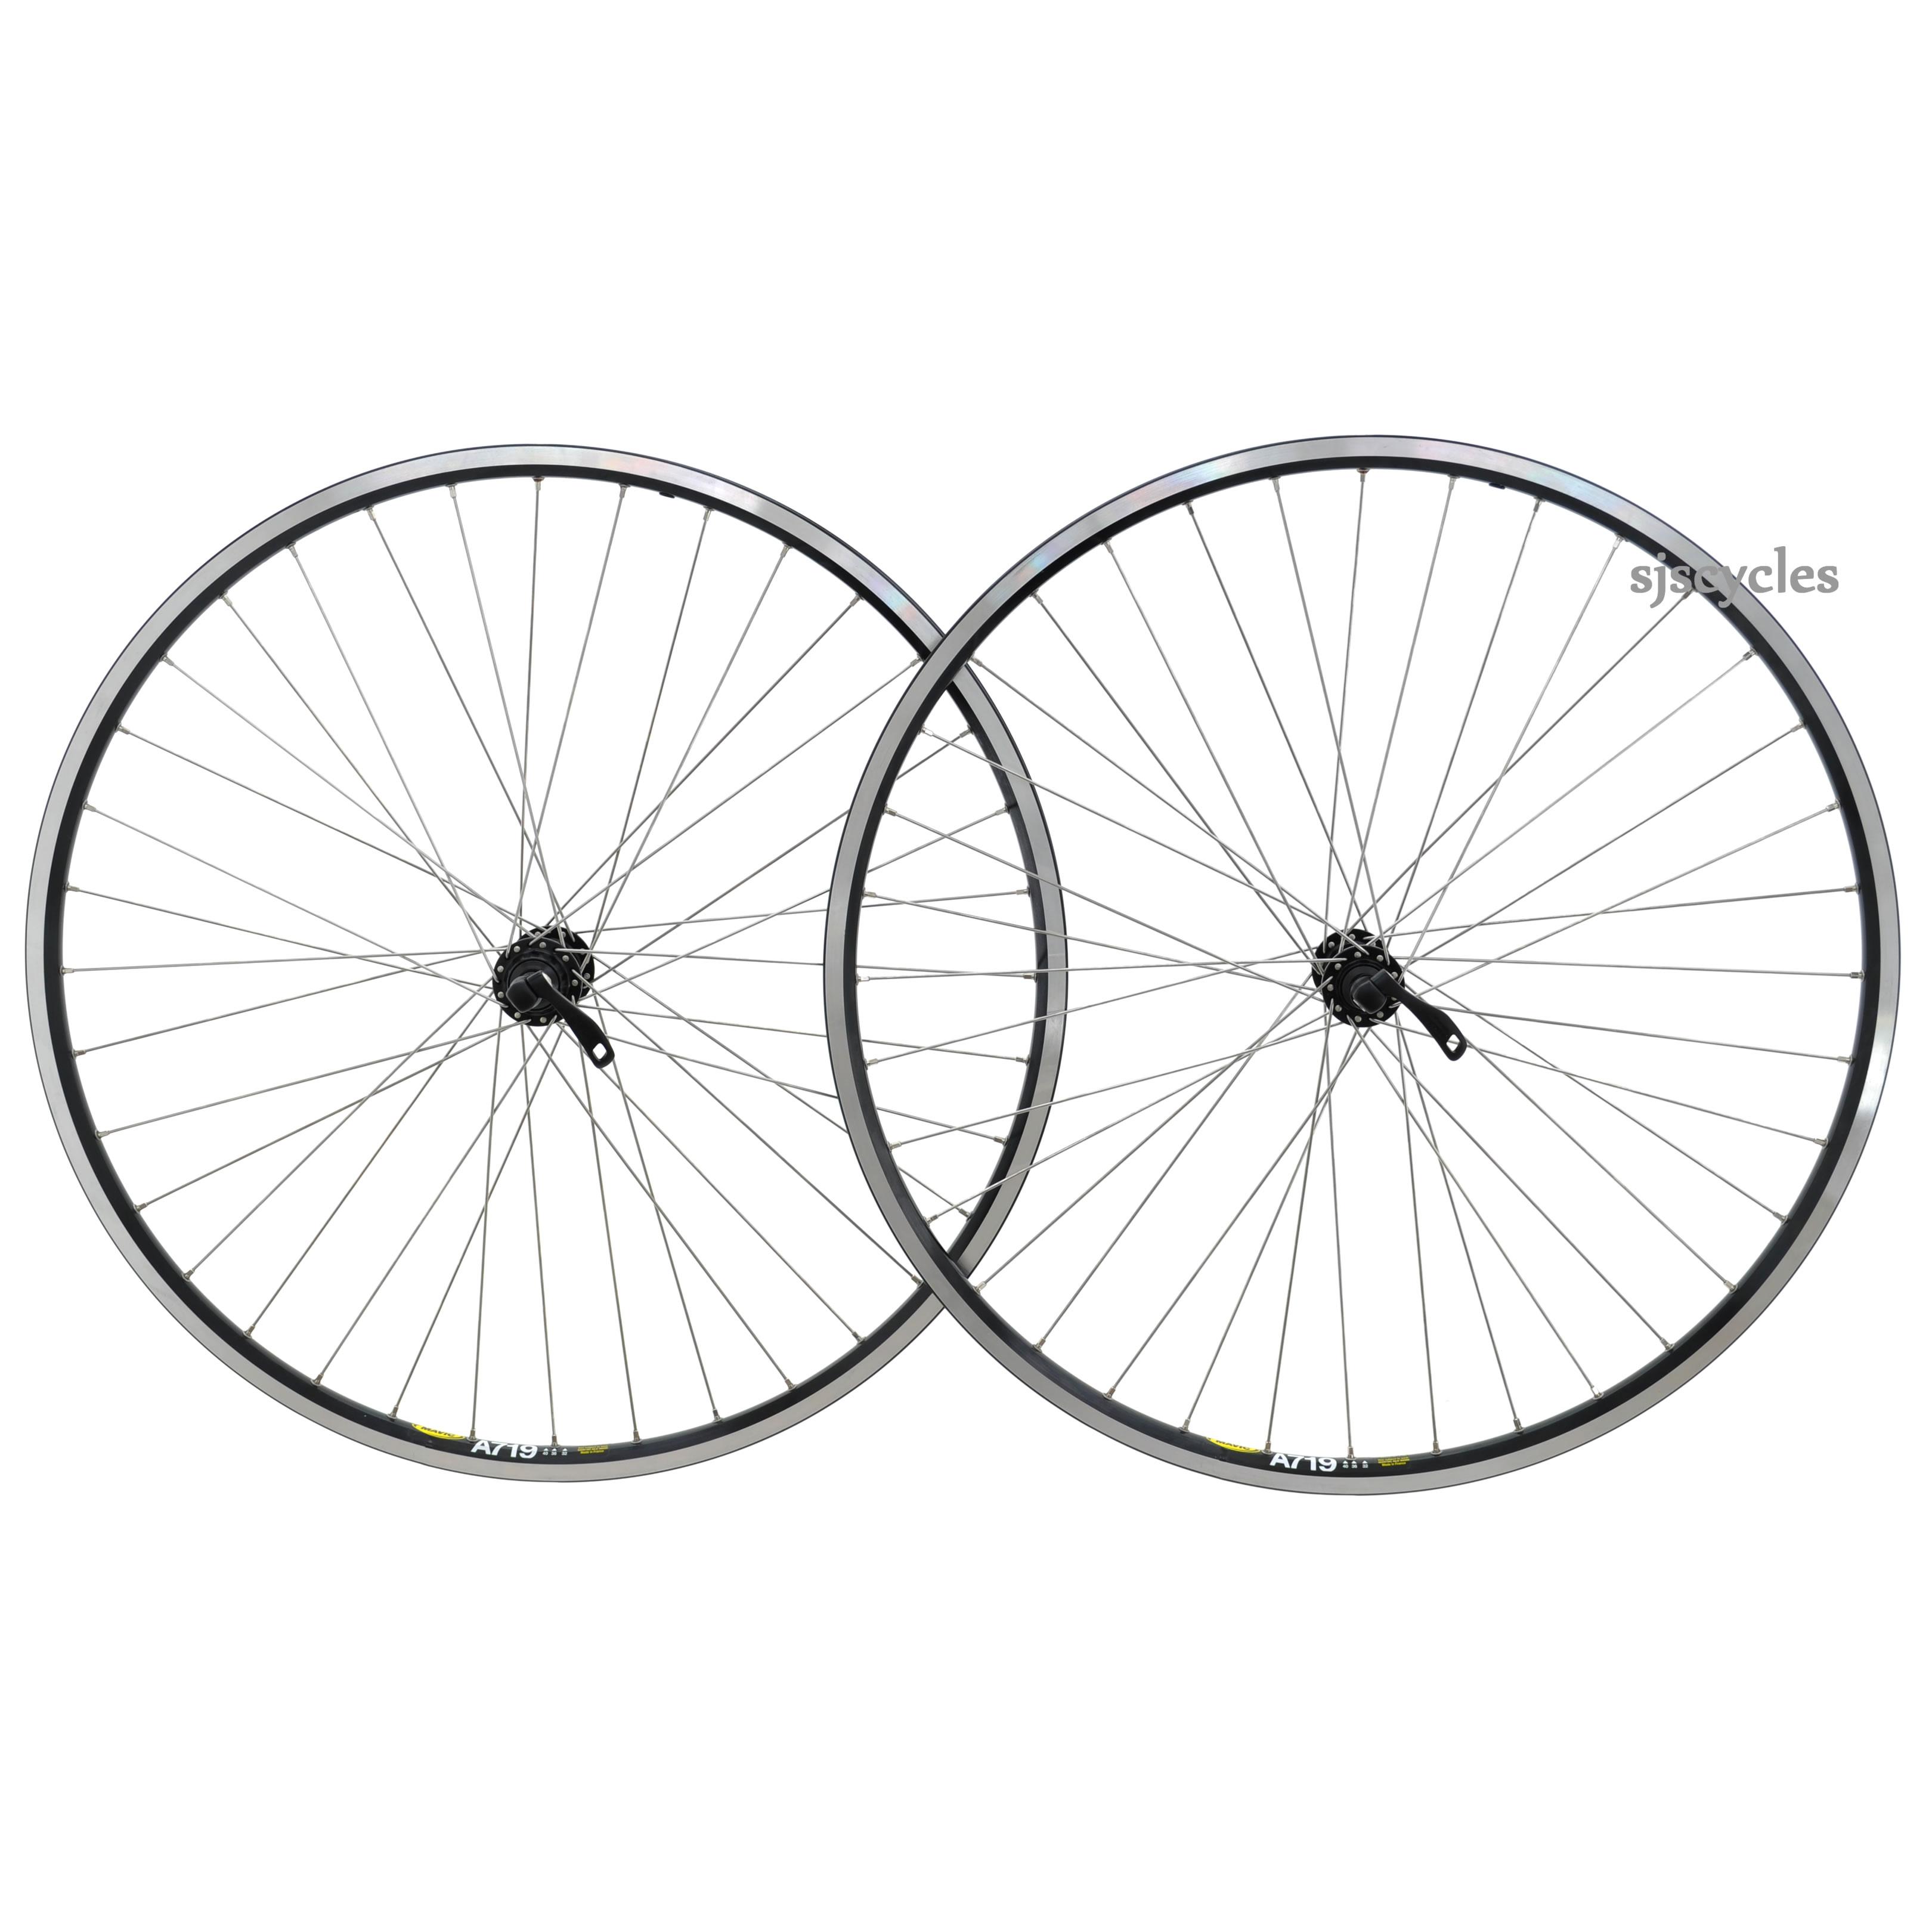 700c Front Wheel Road Bicycle Shimano XT /& Mavic A719 Rim Commuter//Touring Bike